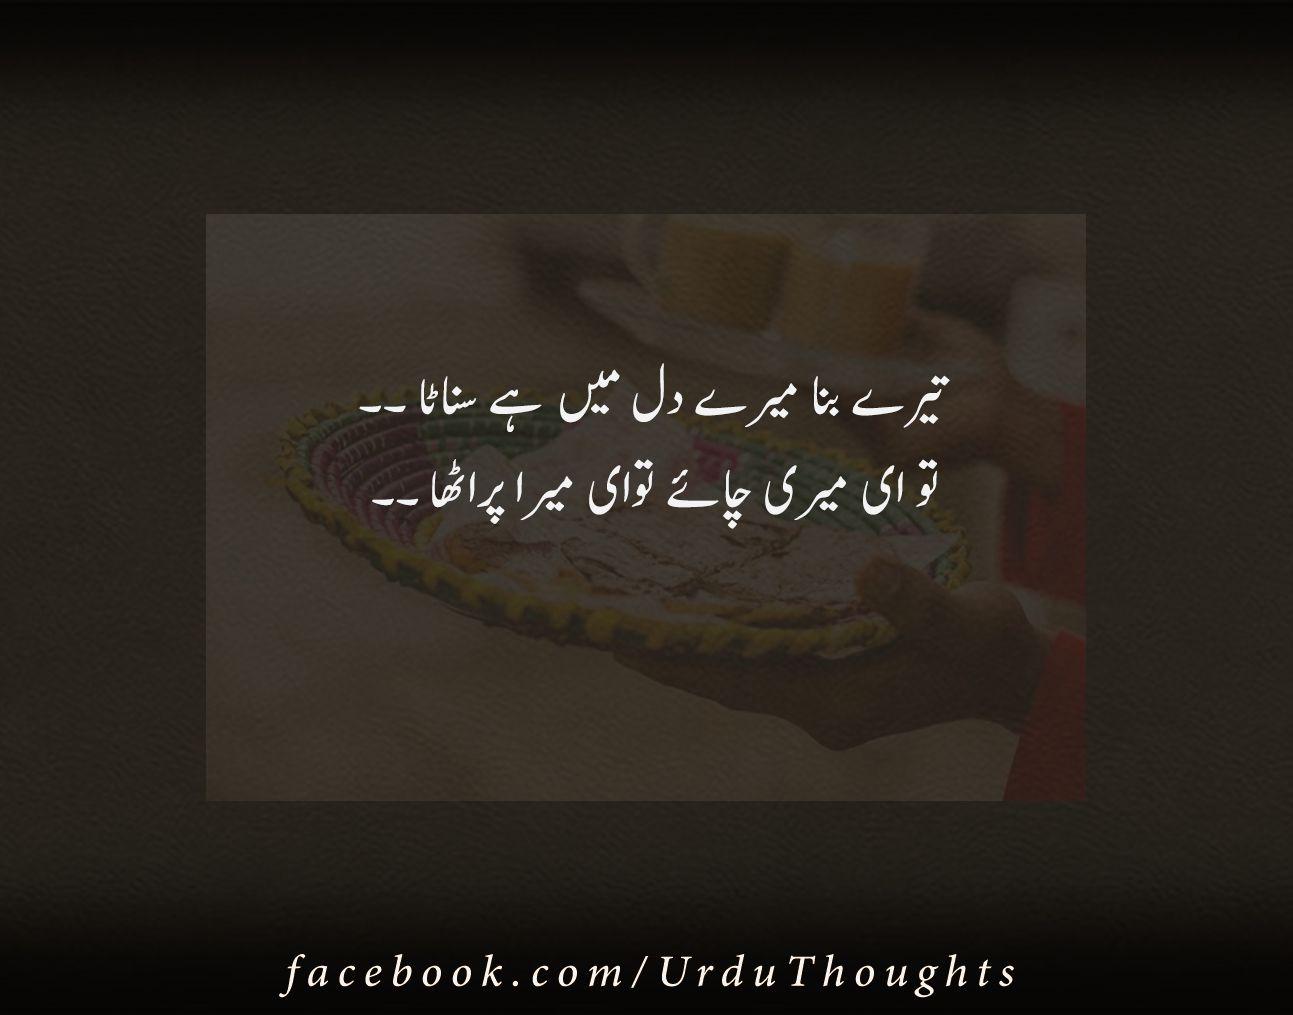 Urdu Funny Poetry Images 2 Line Urdu Funny Poetry Urdu Funny Poetry Poetry Urdu Thoughts